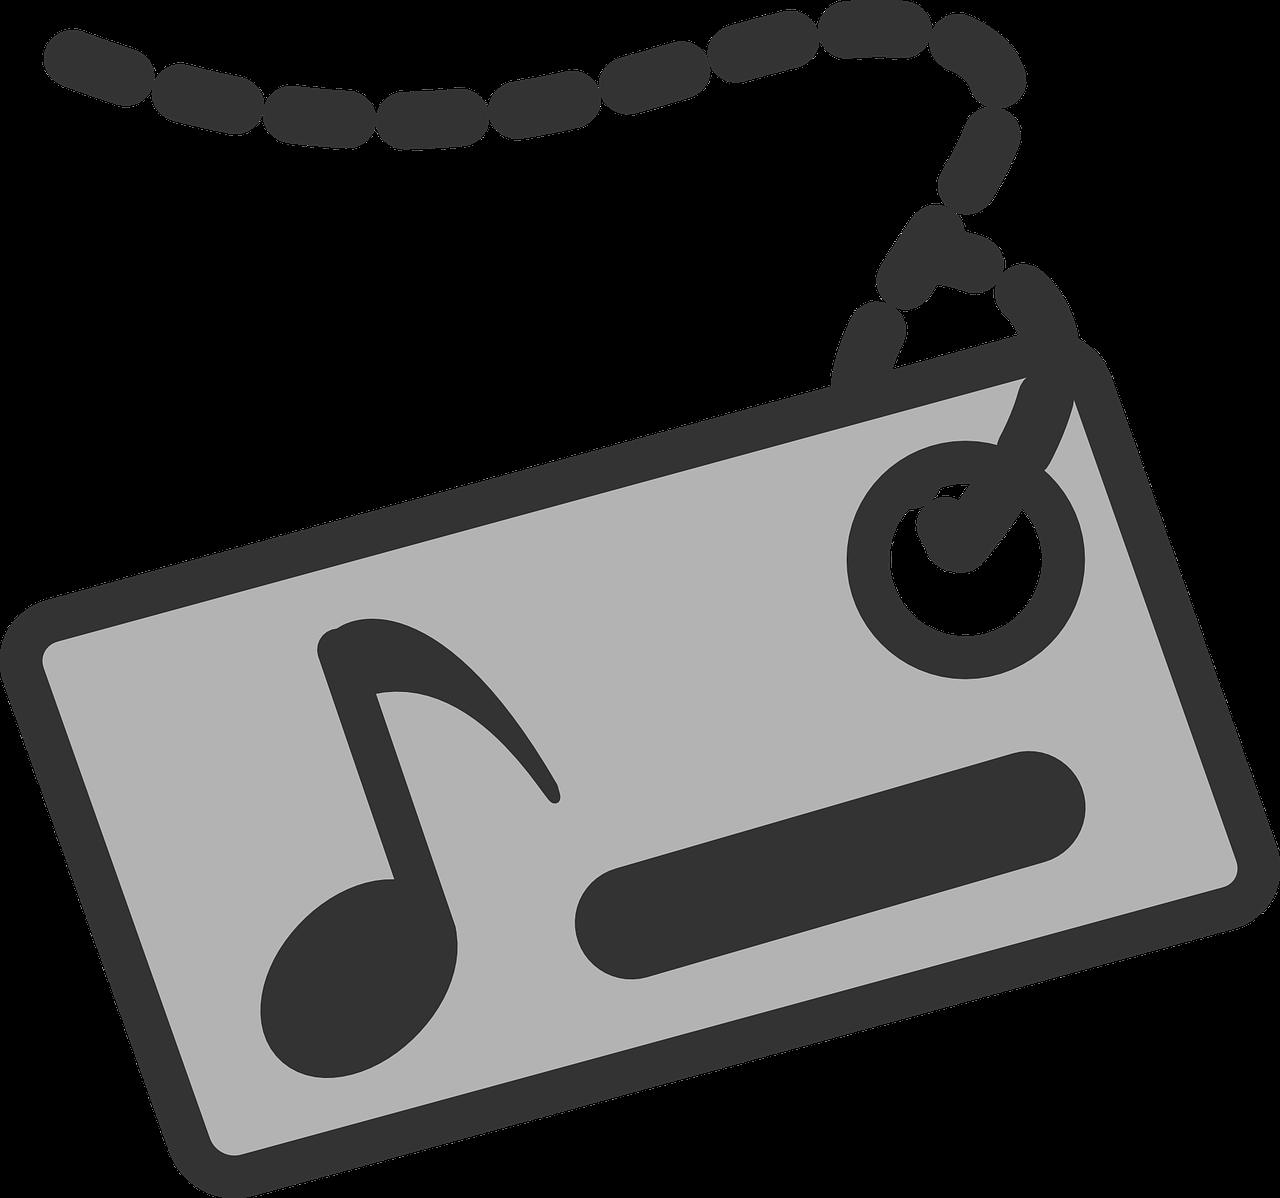 badge-27669_1280